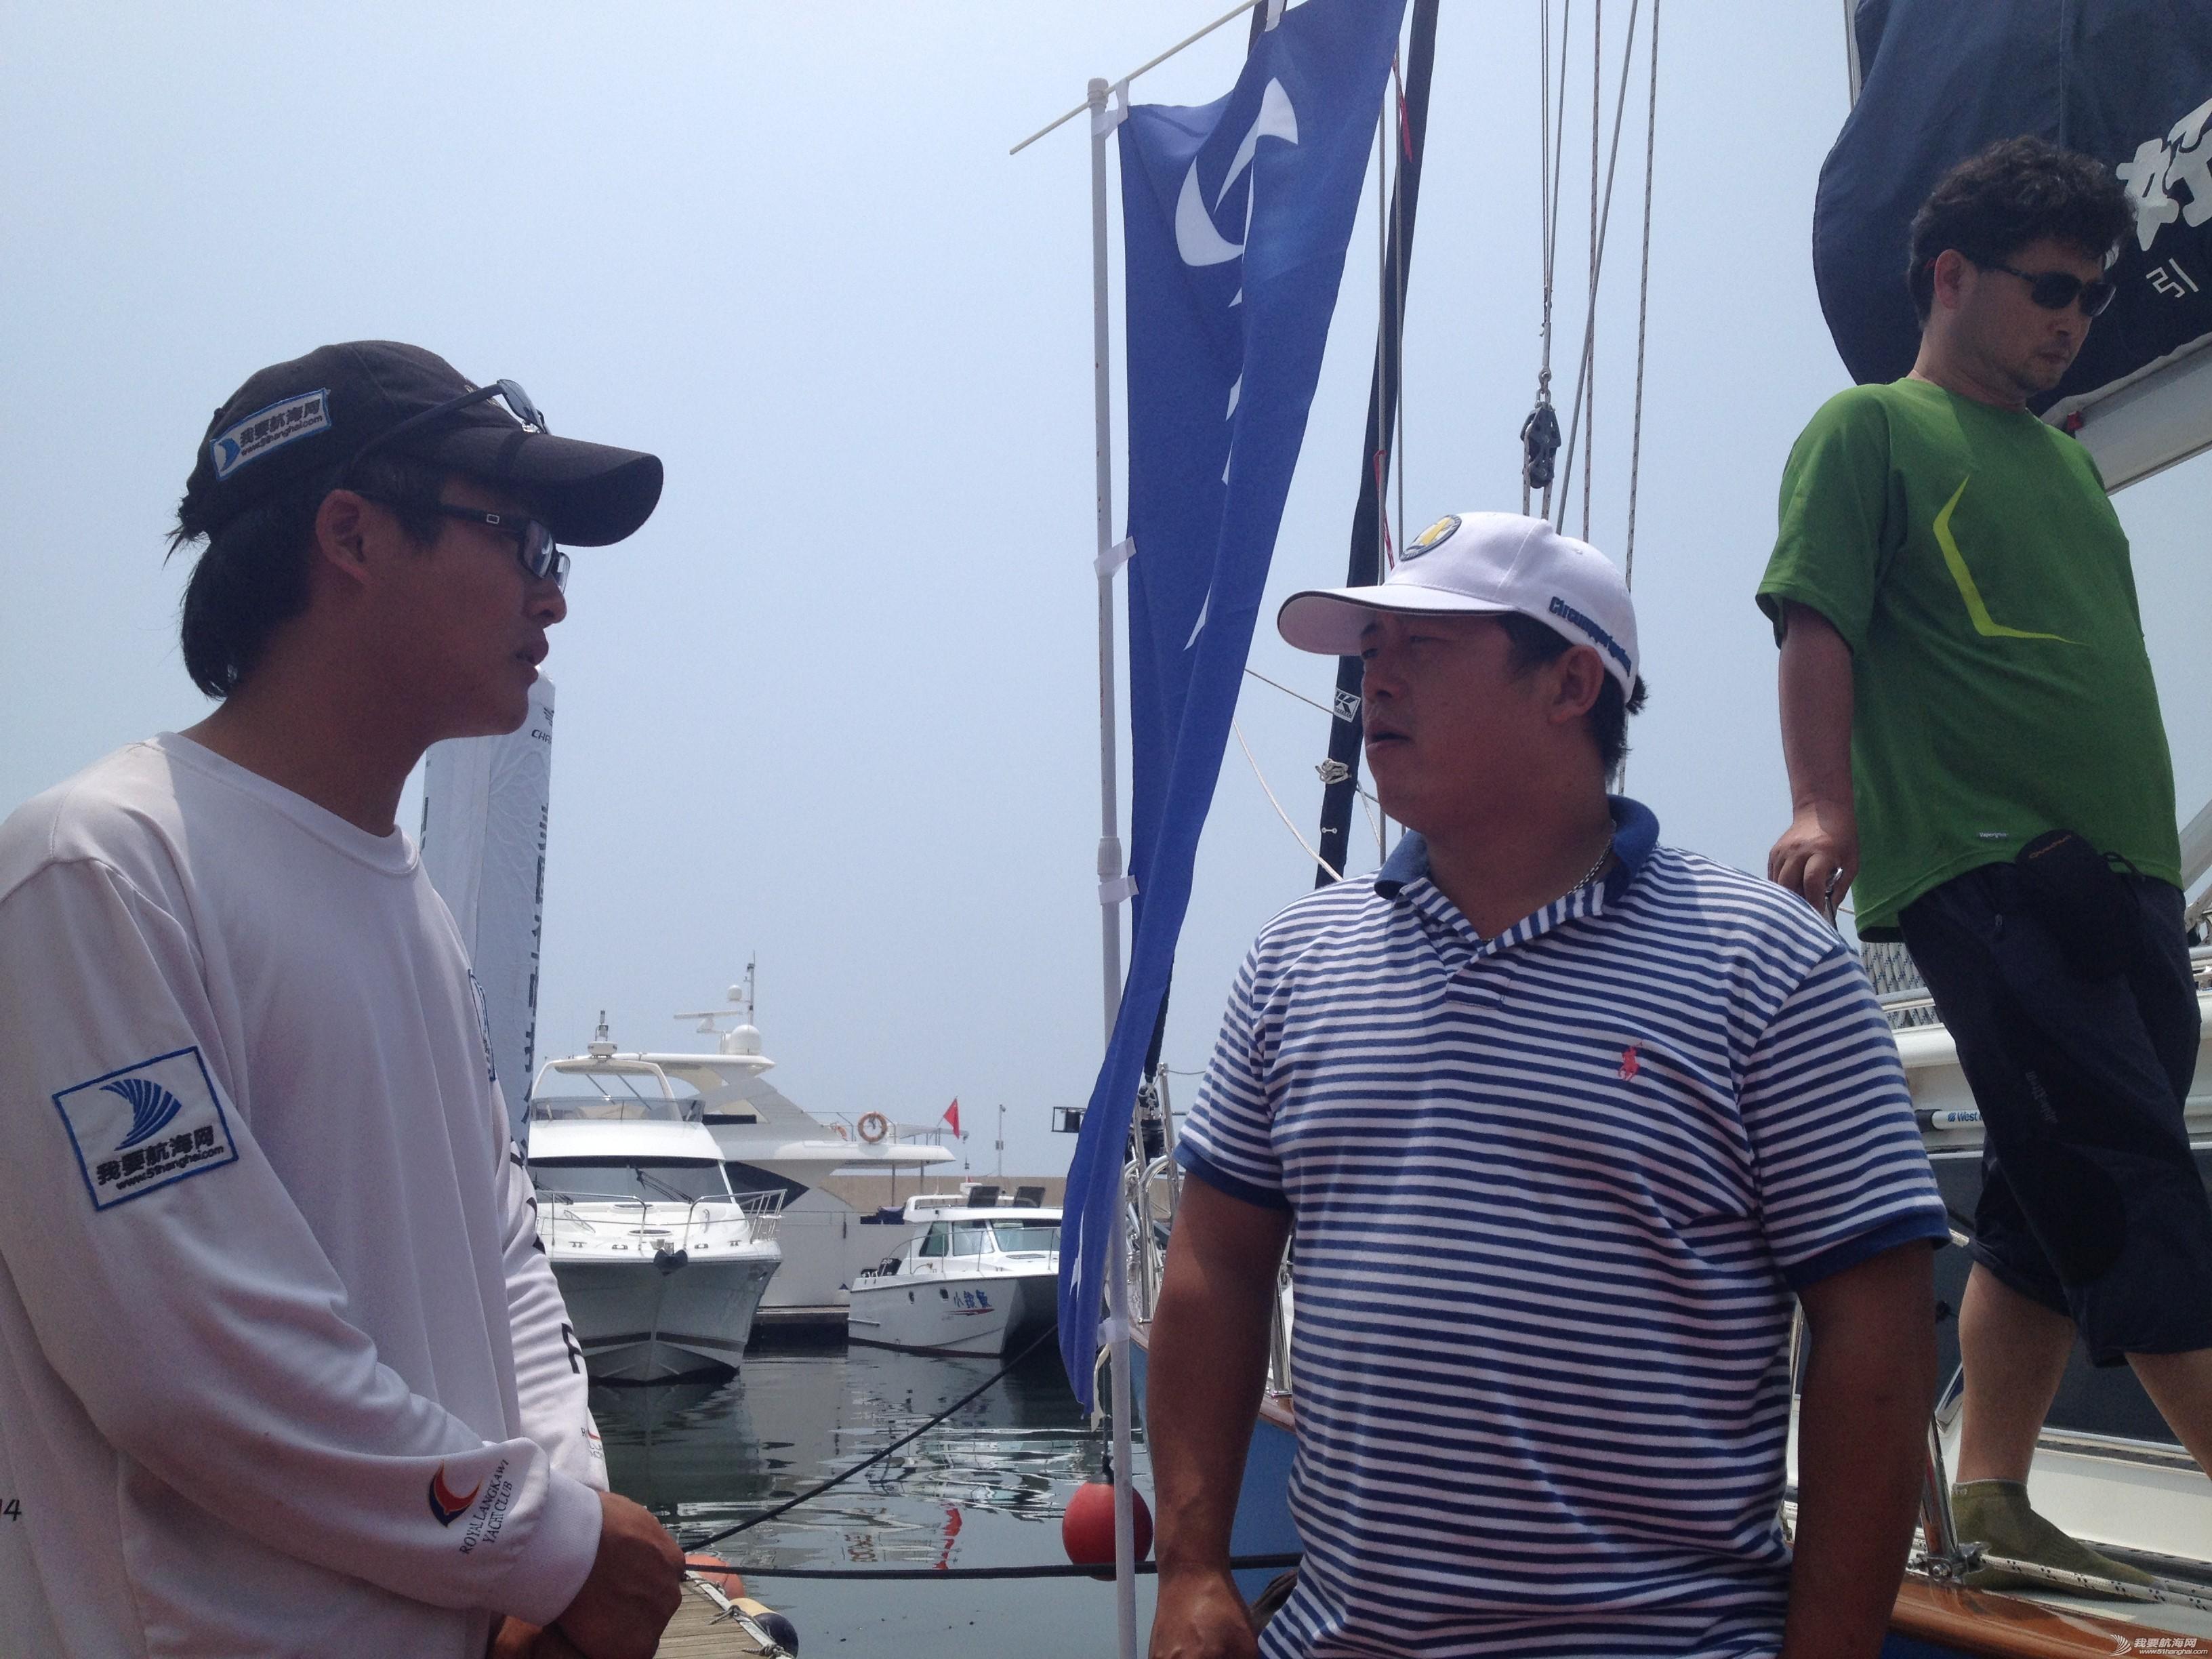 薛家平拜访7月即将开始环球航行的高民船长并交流航海路线 IMG_5094.JPG